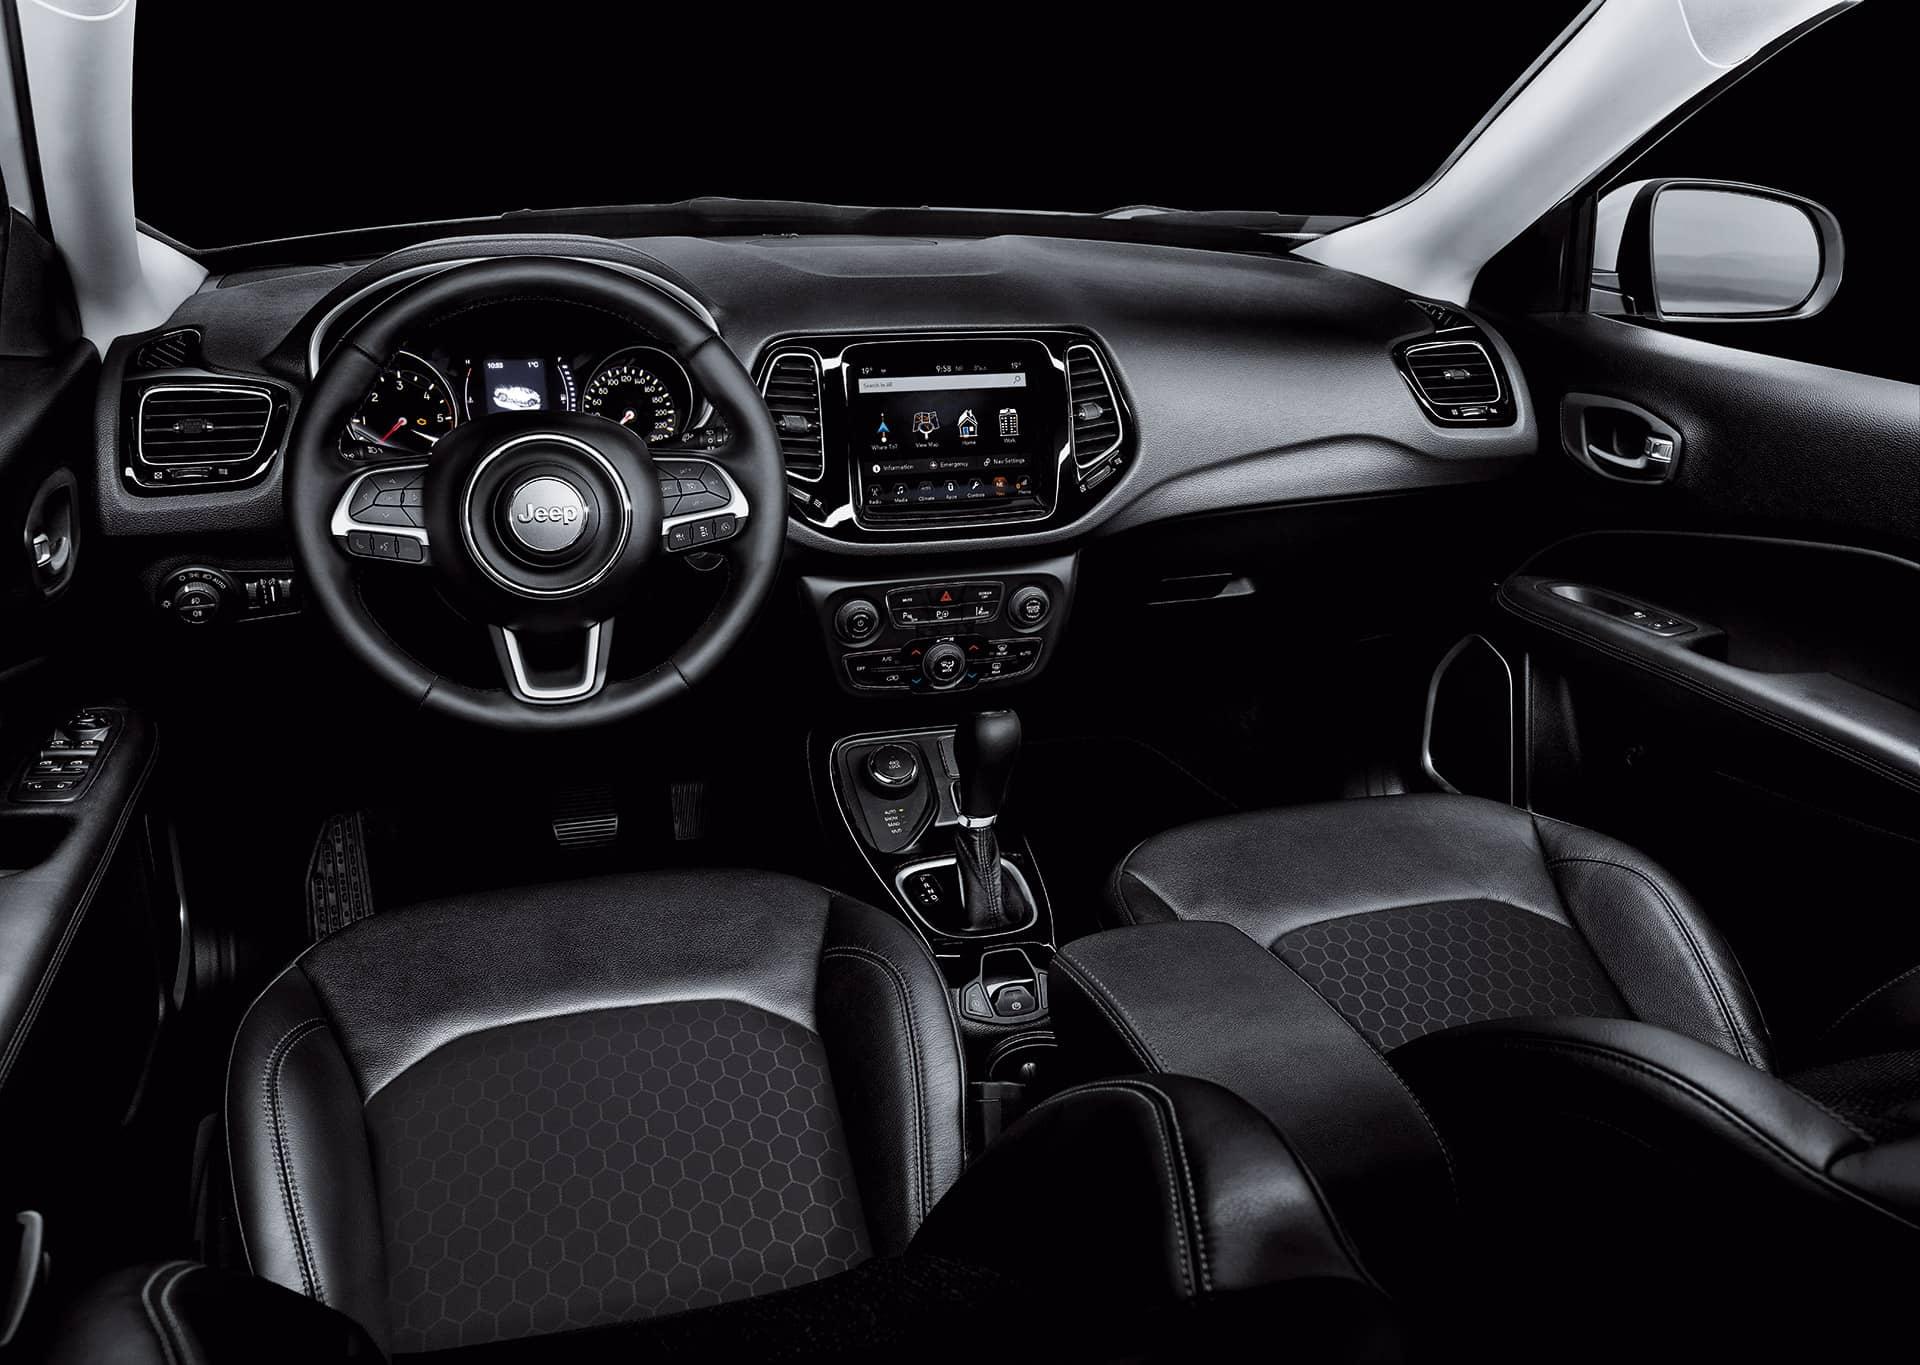 Renting autónomos Jeep Compass